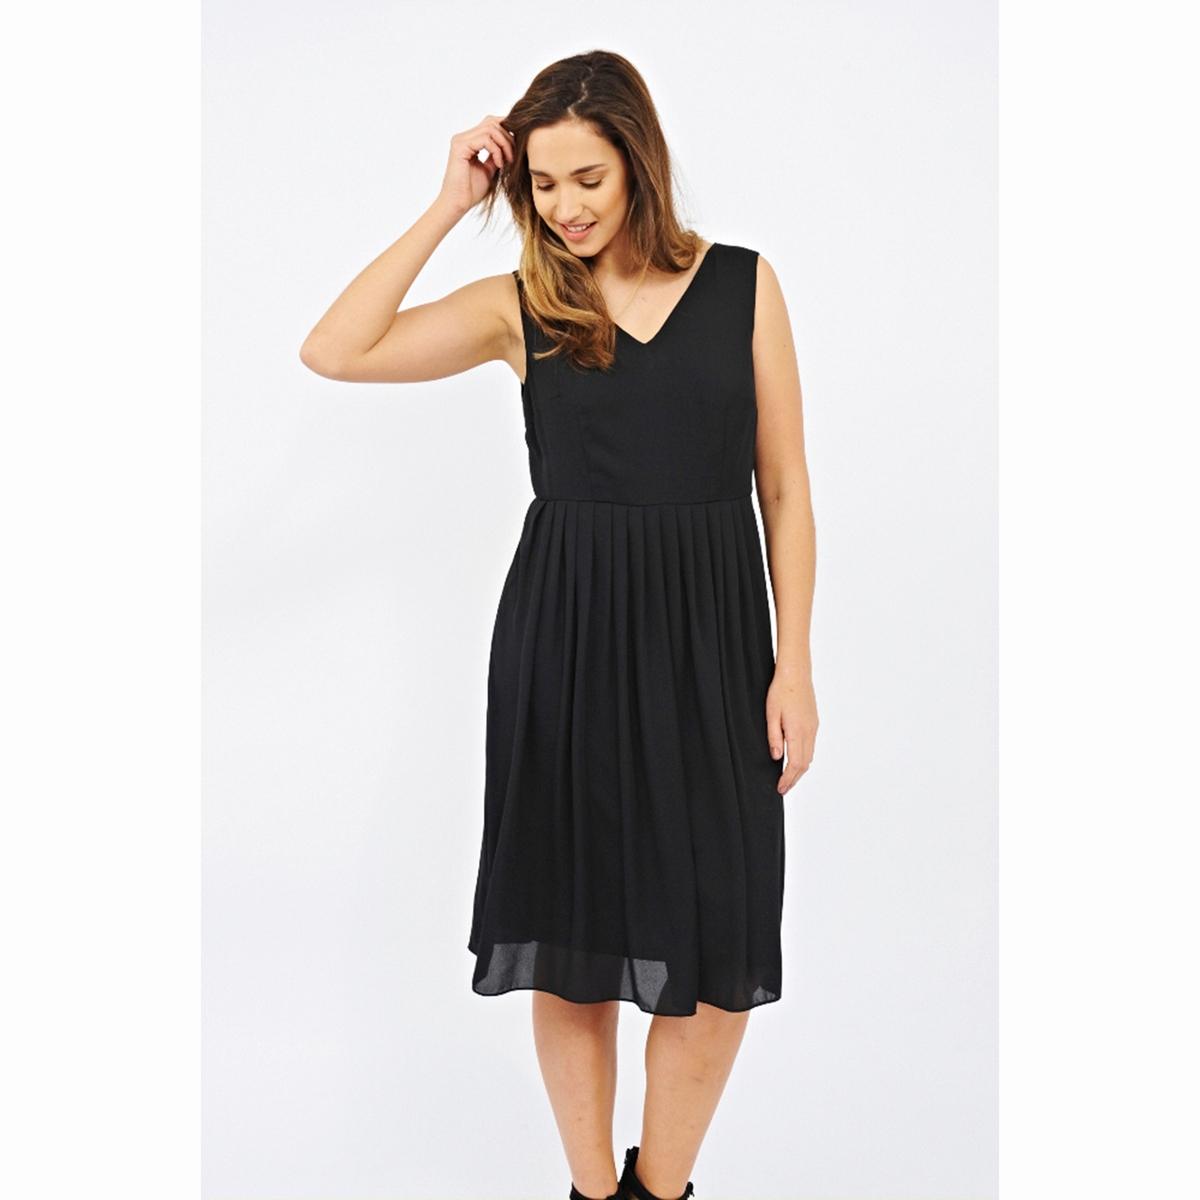 ПлатьеПлатье - KOKO BY KOKO. V-образный вырез спереди и сзади. Длина ок.104 см. 100% полиэстера.<br><br>Цвет: черный